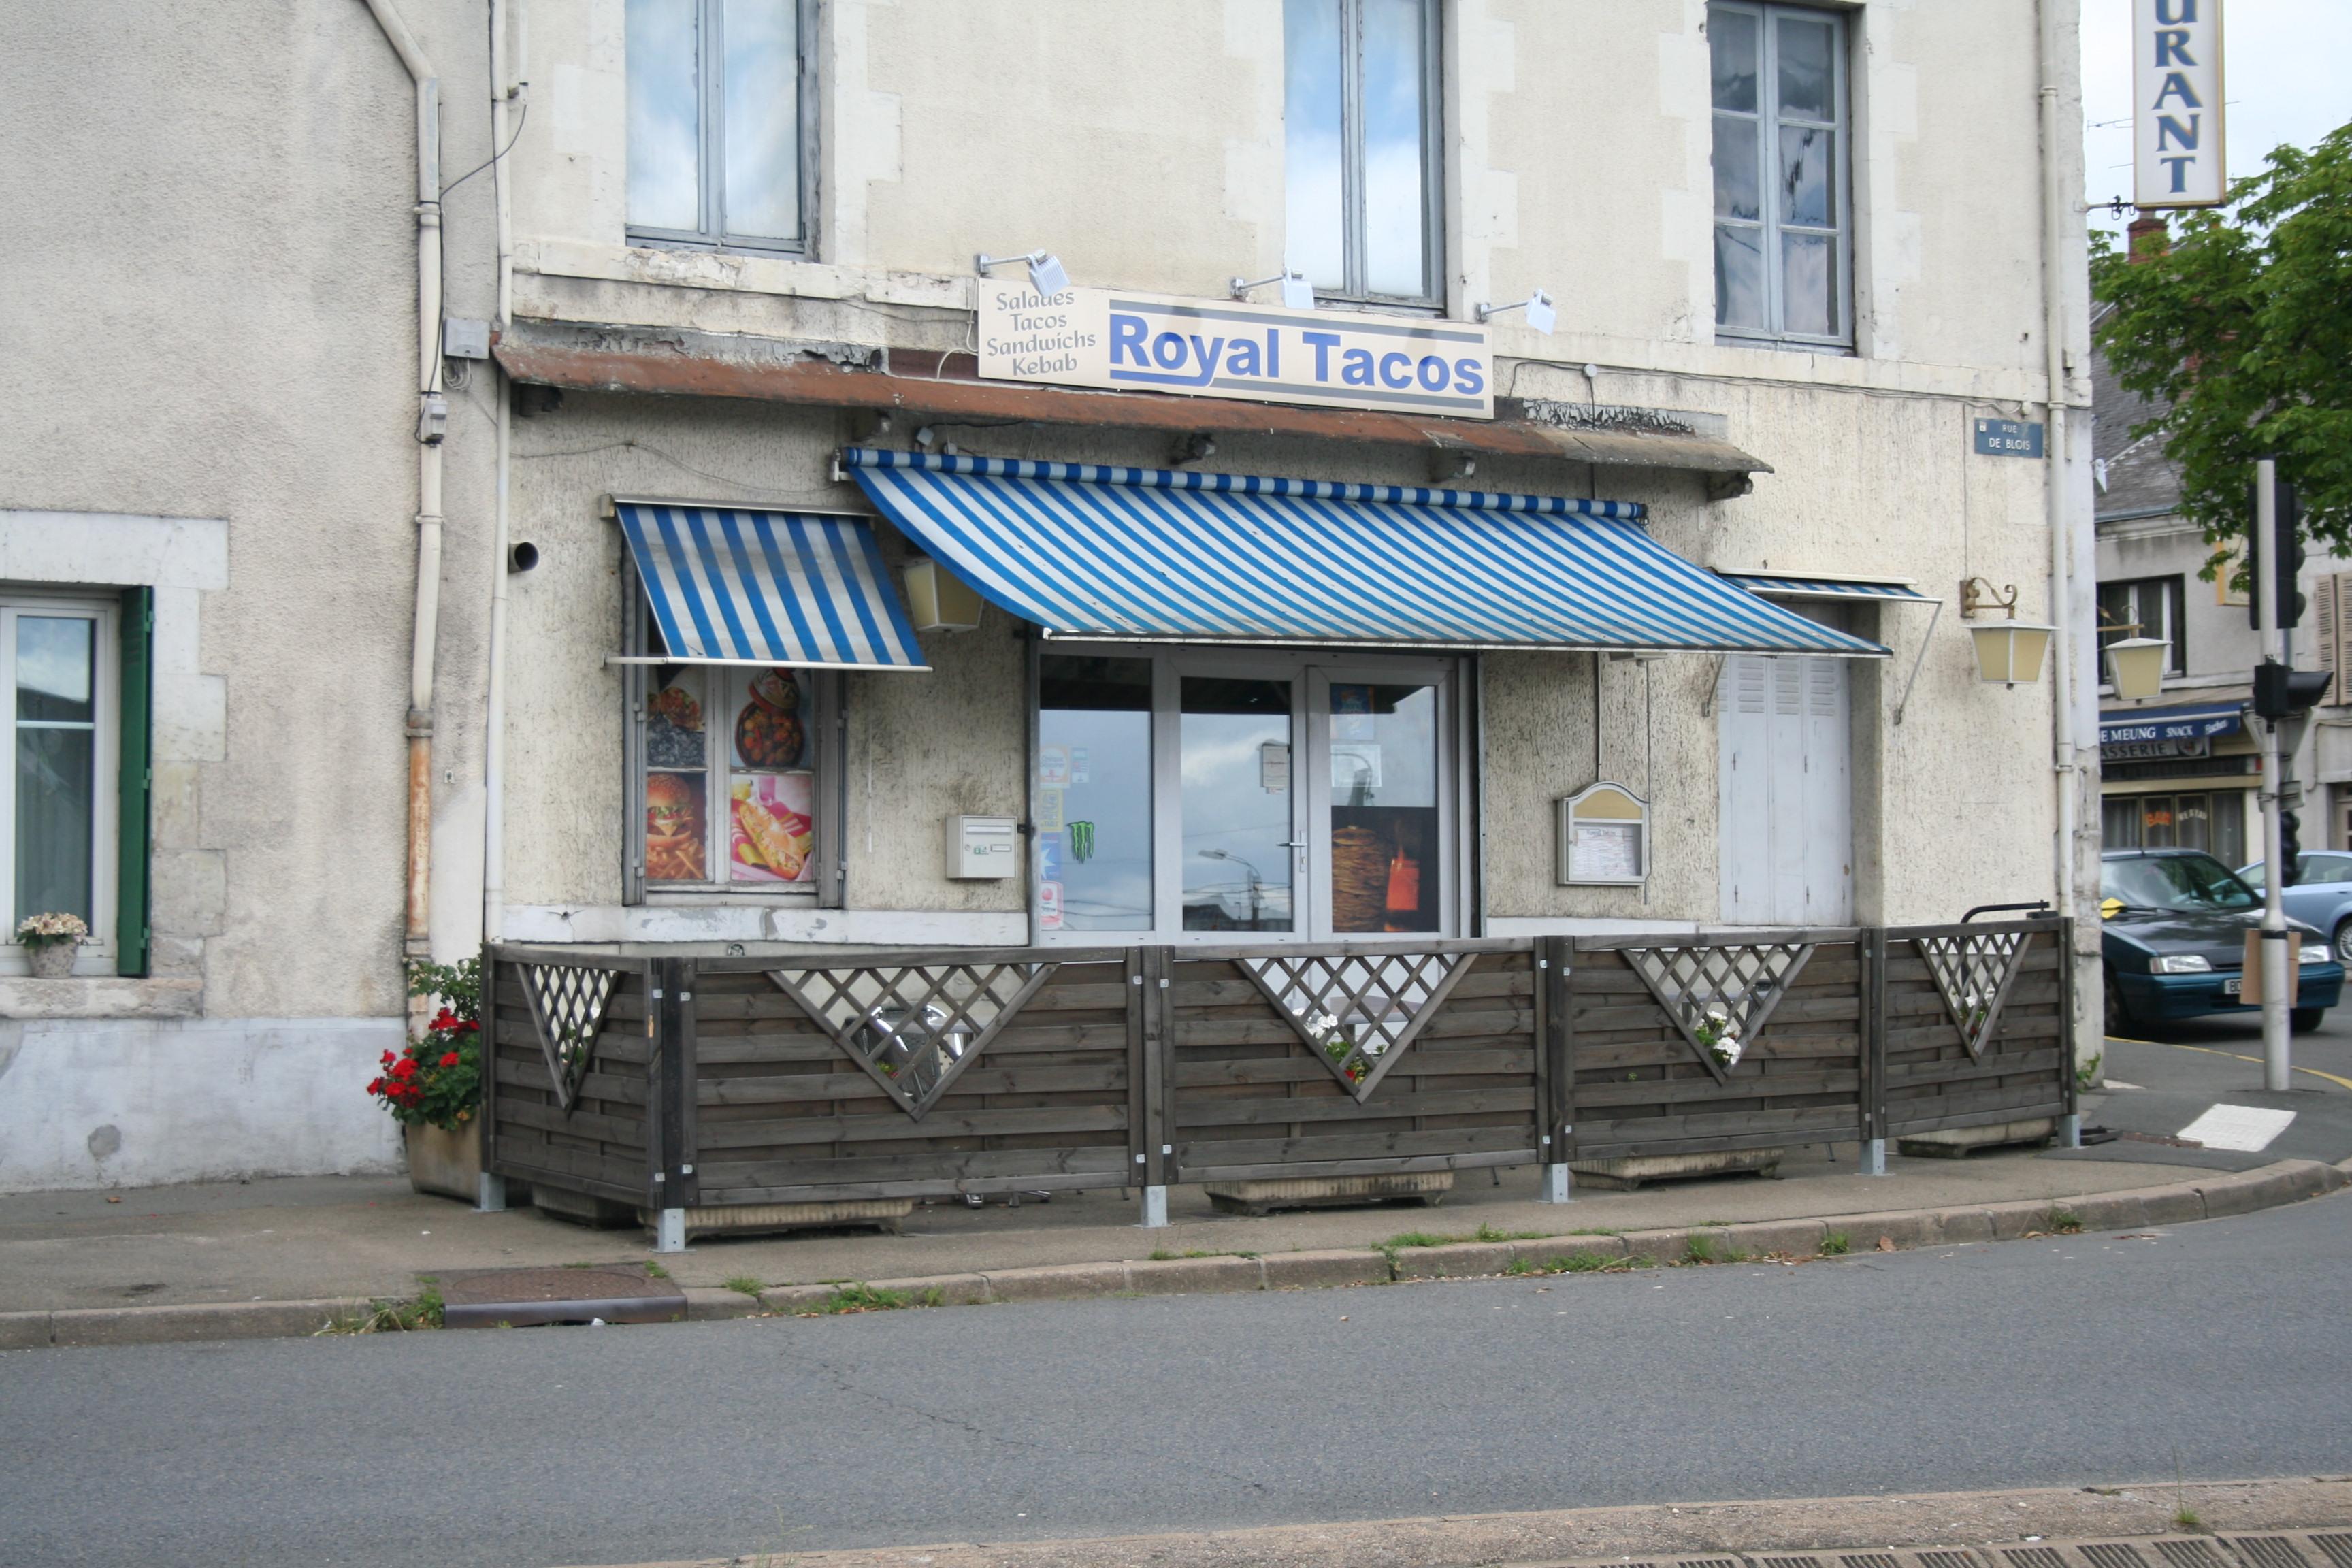 Royal Tacos - Meung-sur-Loire